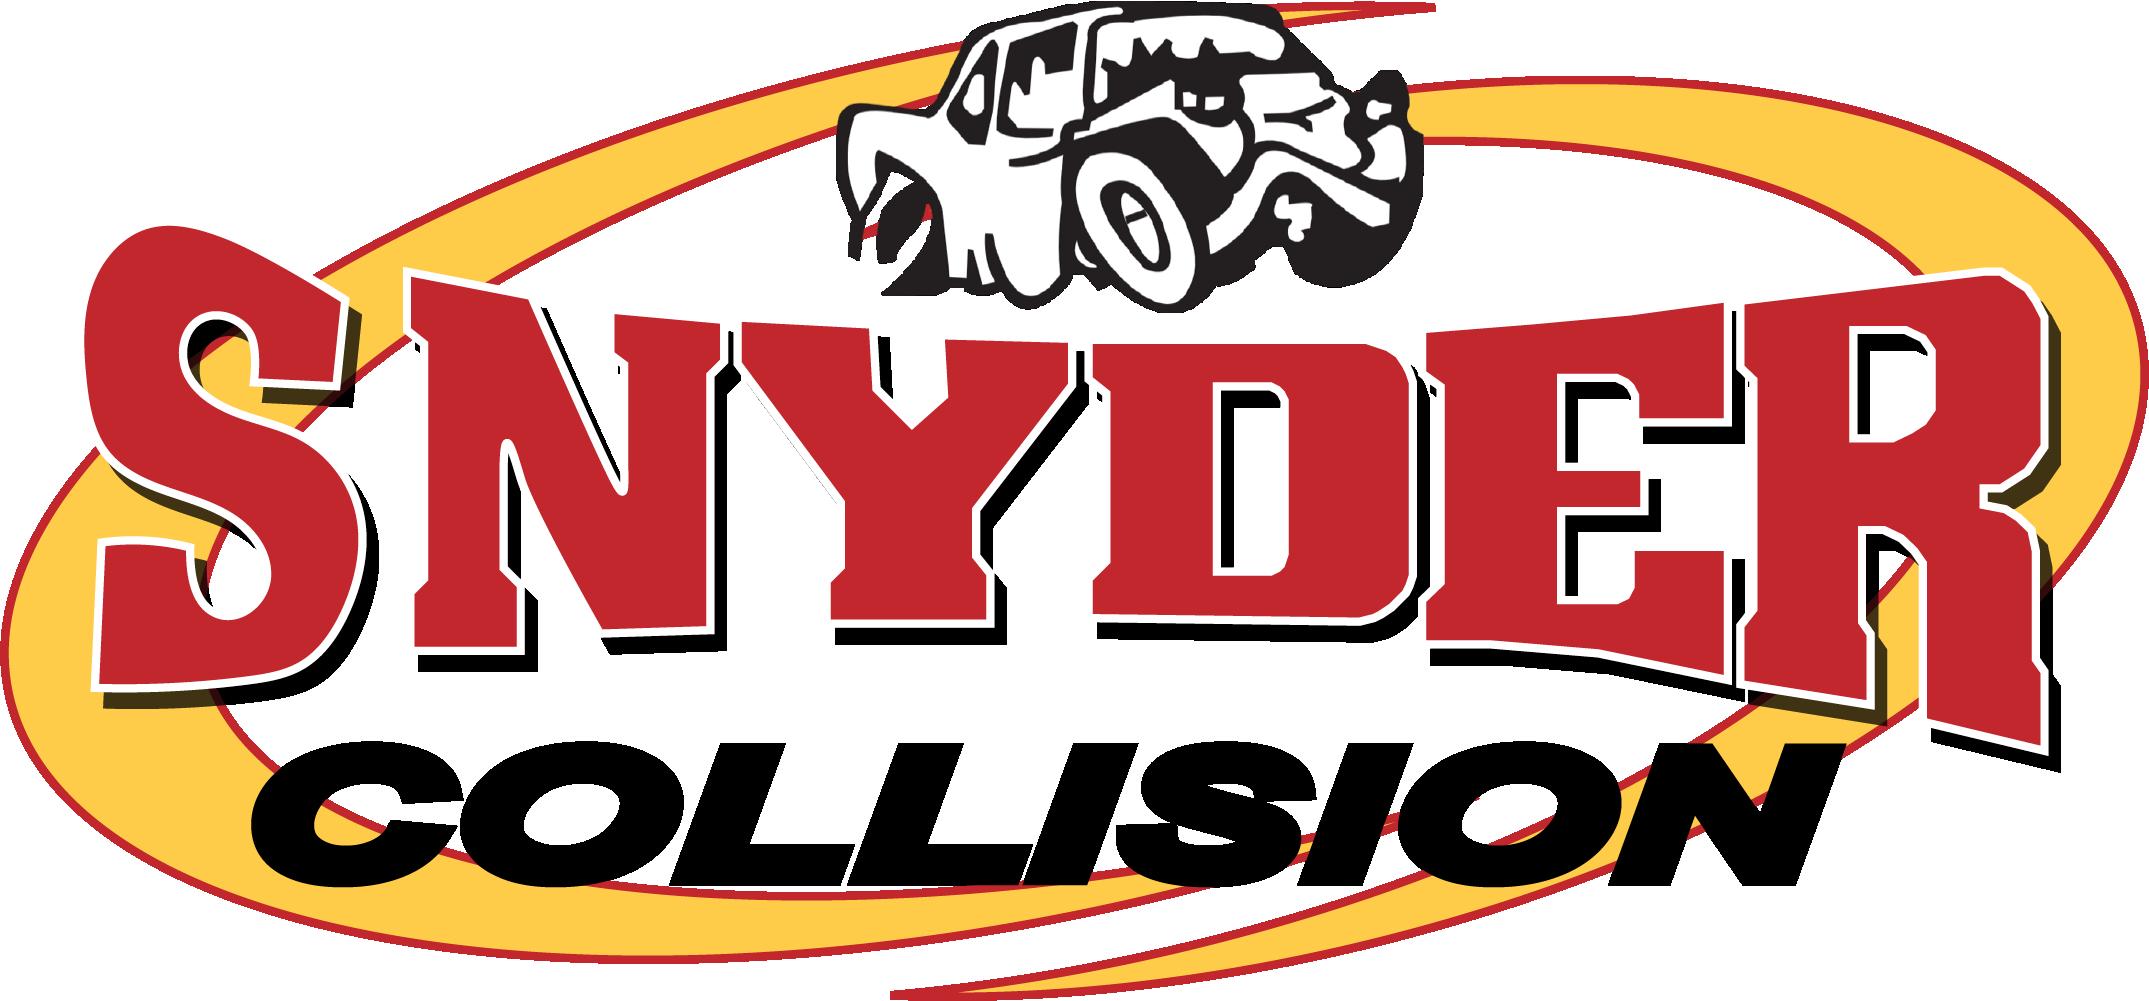 SnyderV2